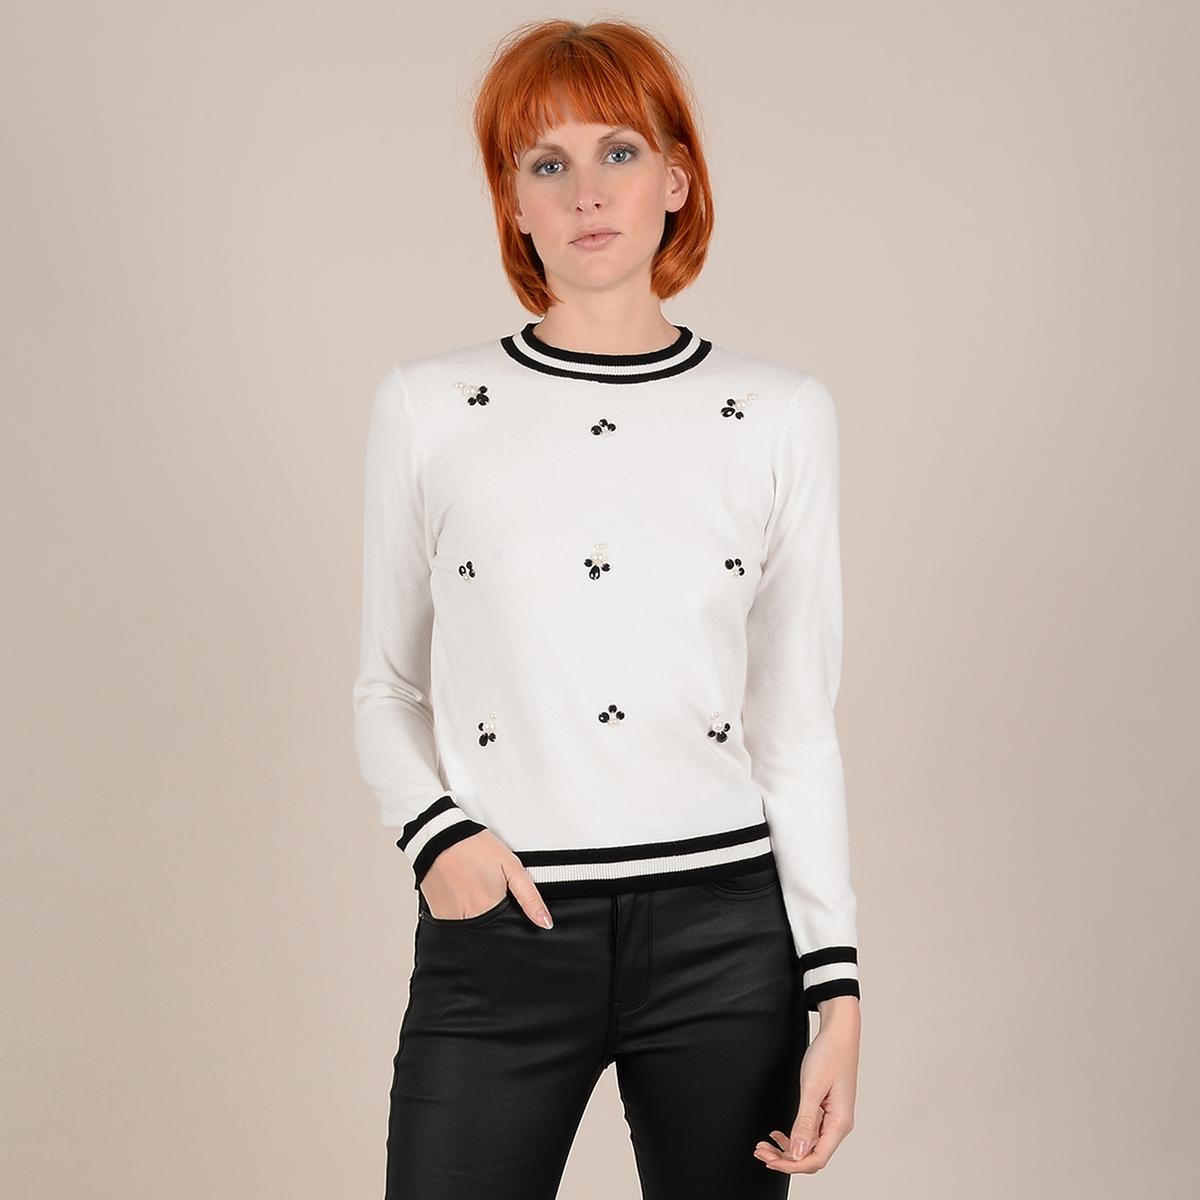 Пуловер La Redoute Из тонкого трикотажа с длинными рукавами с бусинами L/XL бежевый пуловер la redoute из тонкого трикотажа со шнуровкой l бежевый